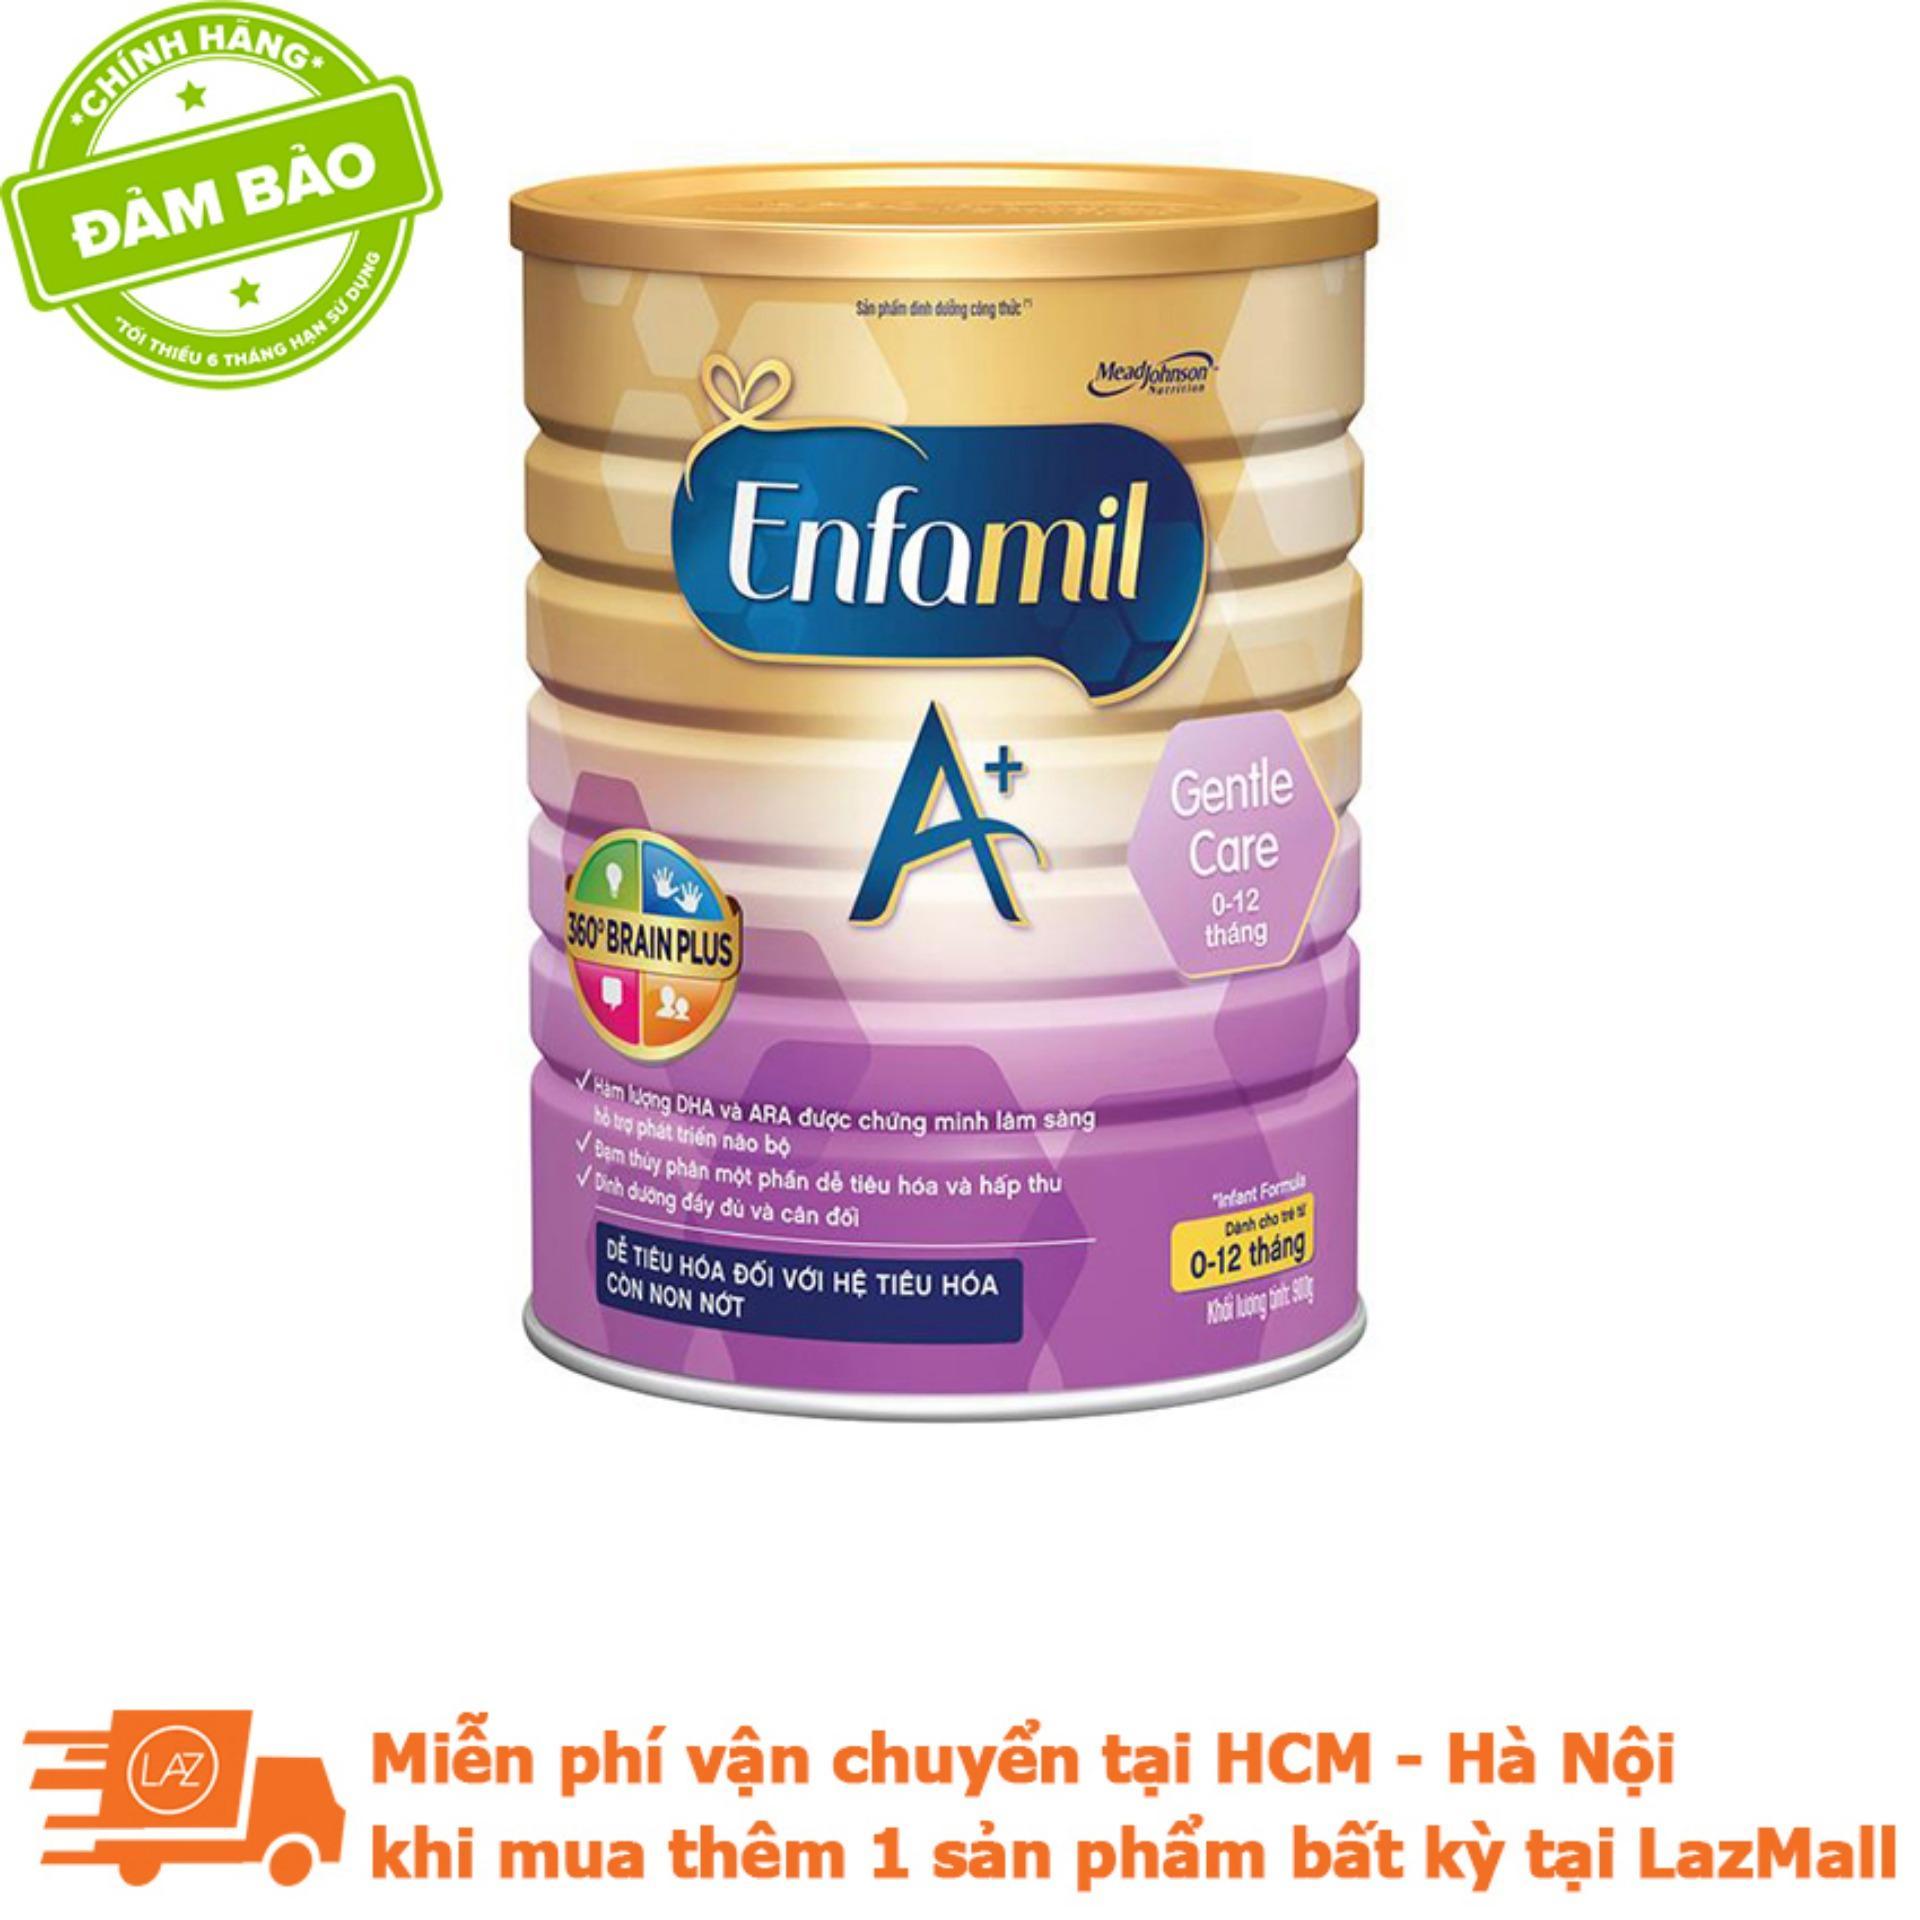 Sữa Enfamil A+ Gentle Care 3 360o Brain Plus 900g